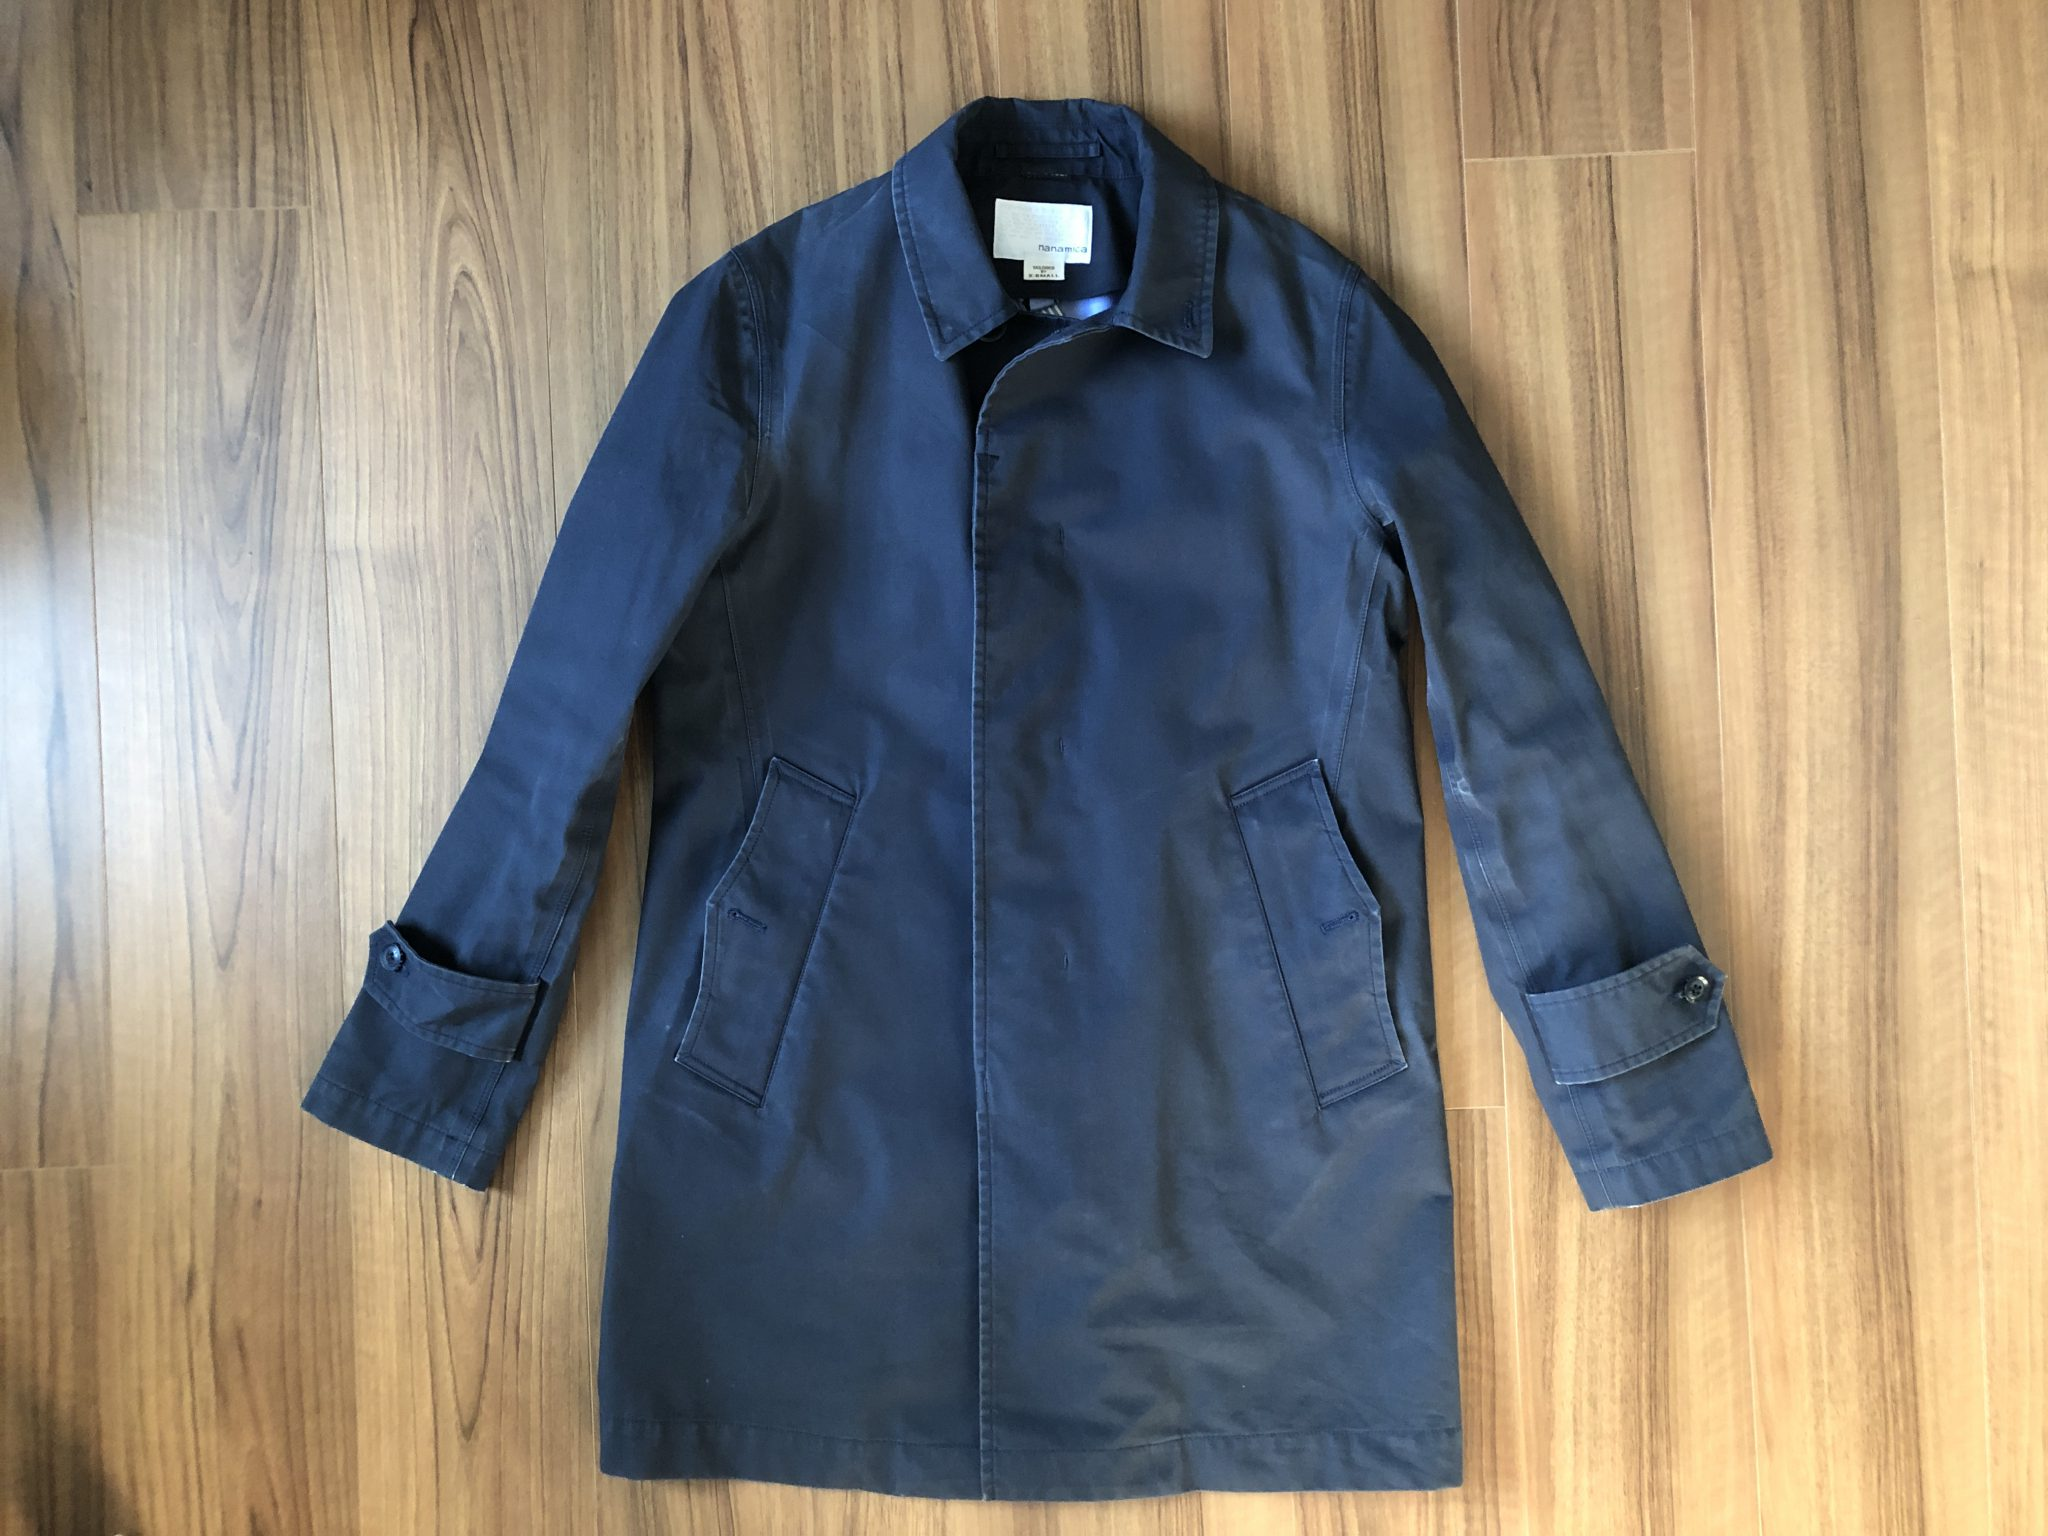 ナナミカ ゴアテックス ステンカラーコート nanamica GORE-TEX Soutien Collar Coat 3年目 洗濯後 エイジング 経年変化 全体観